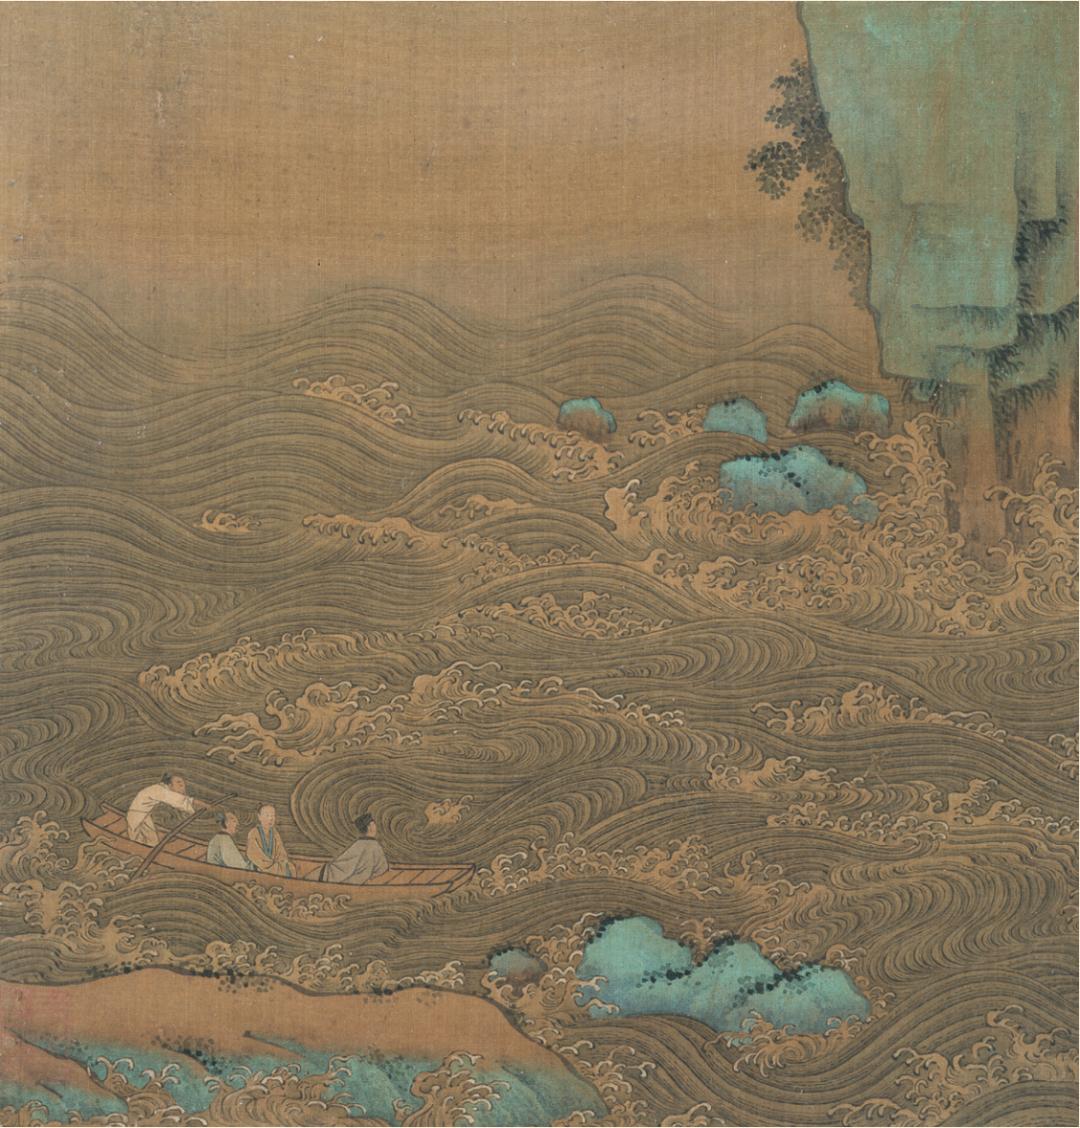 故宫藏宋代《赤壁图》